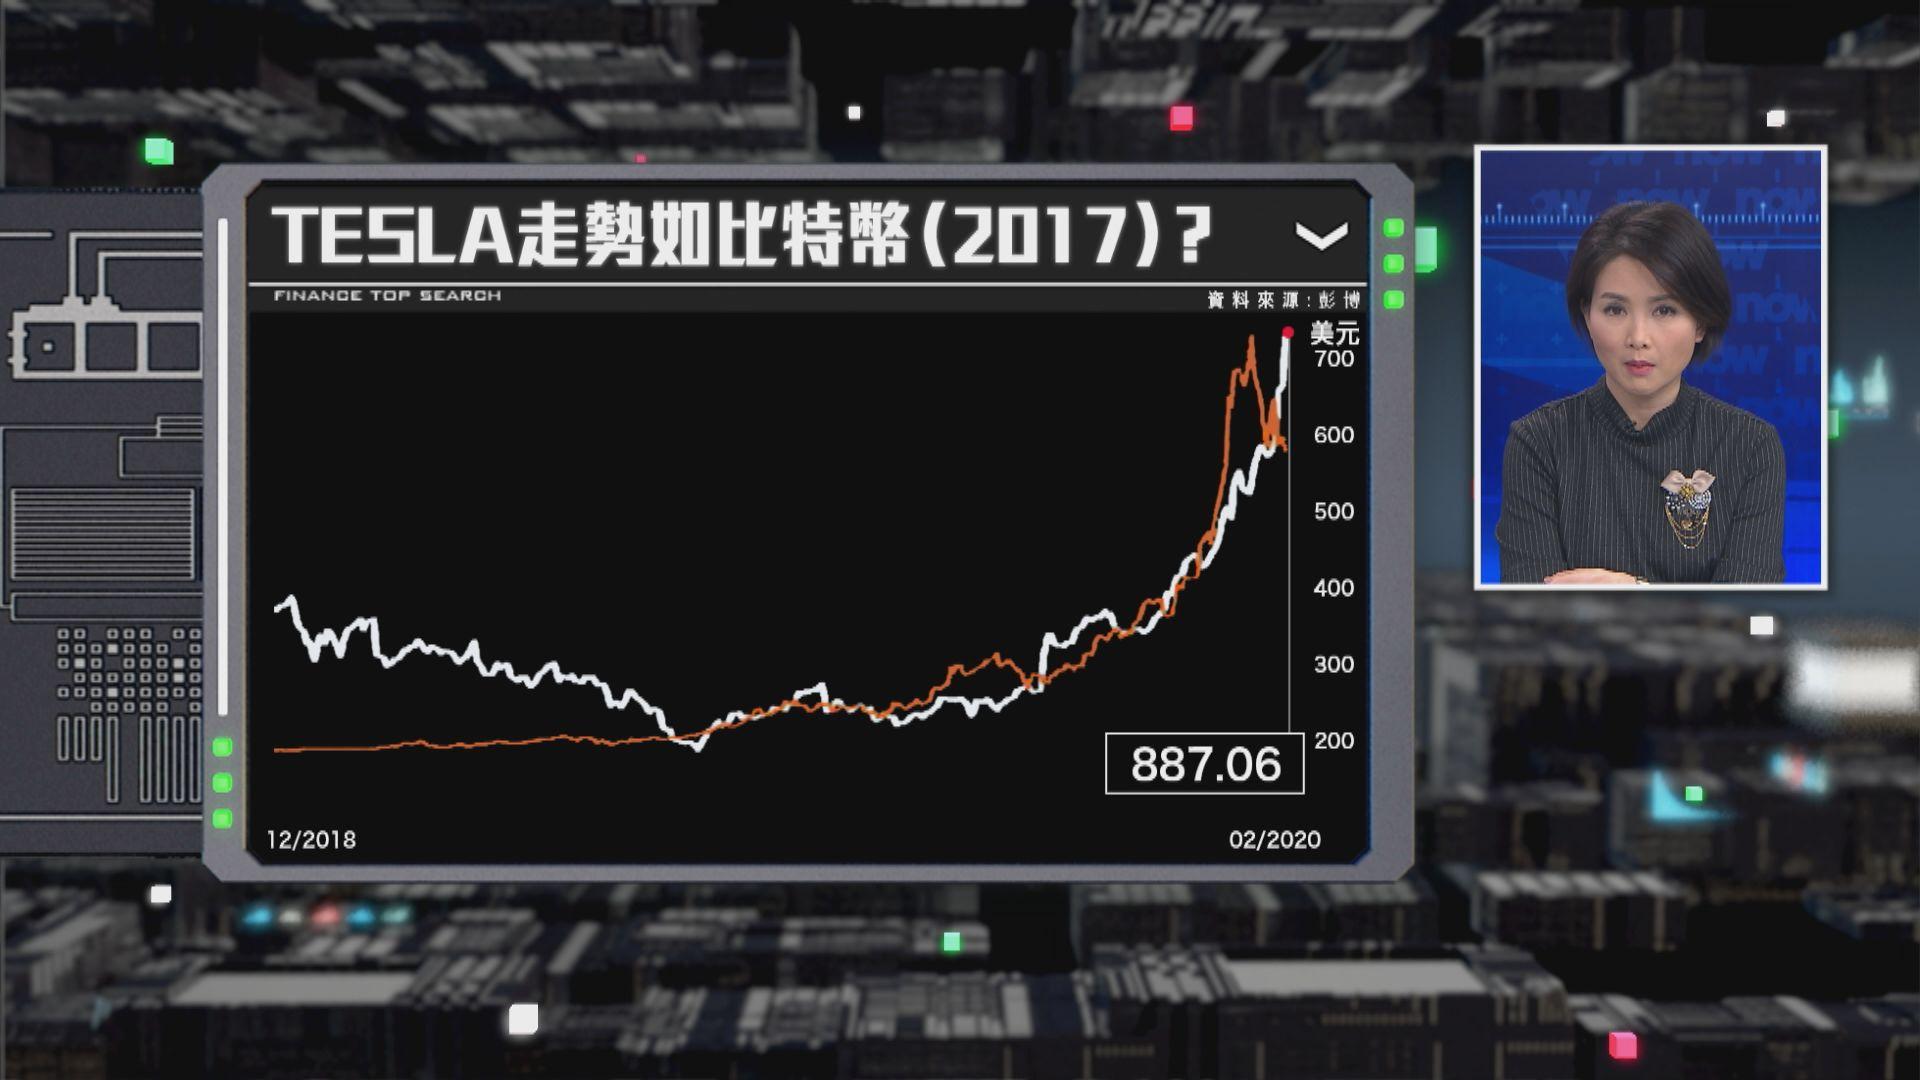 【財經TOP SEARCH】美股「免疫」反彈勢頭勁 連帶TESLA有得升